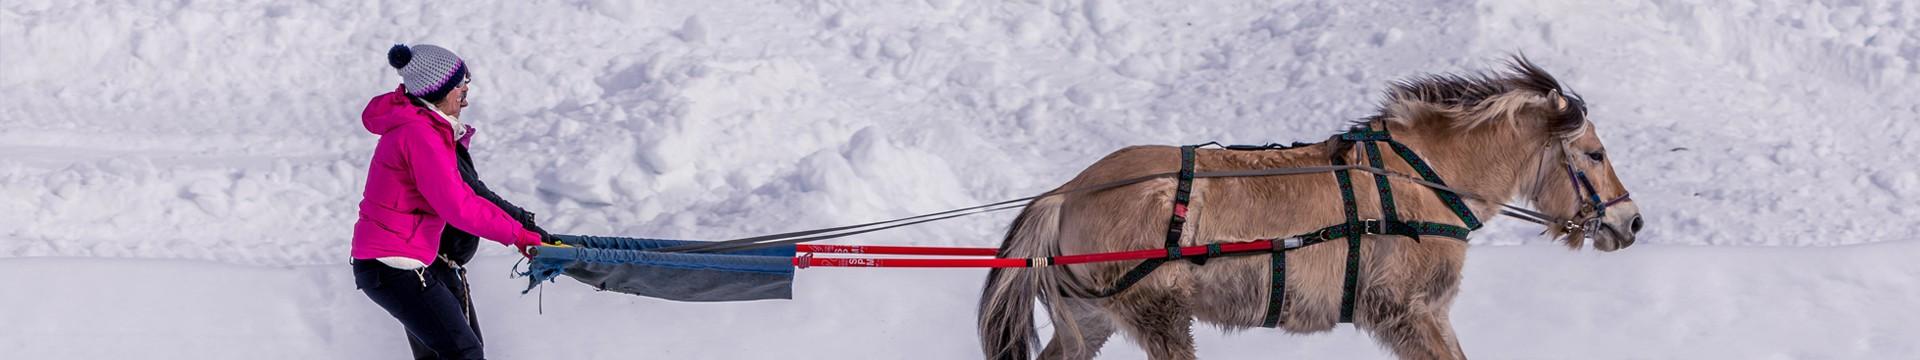 ski-joering-01-8993